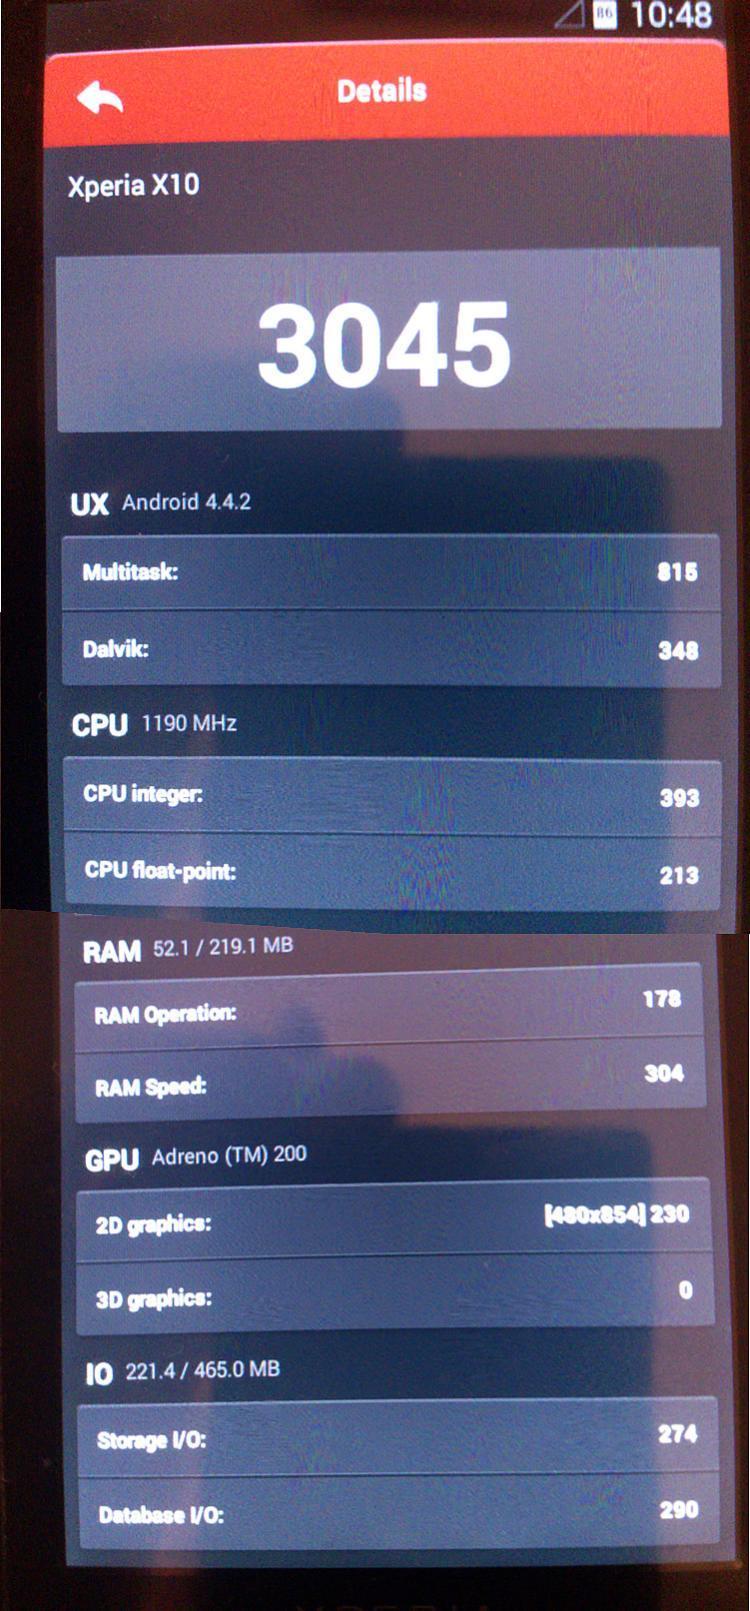 Xperia X10 KitKat 4.4.2 AnTuTu Benchmark